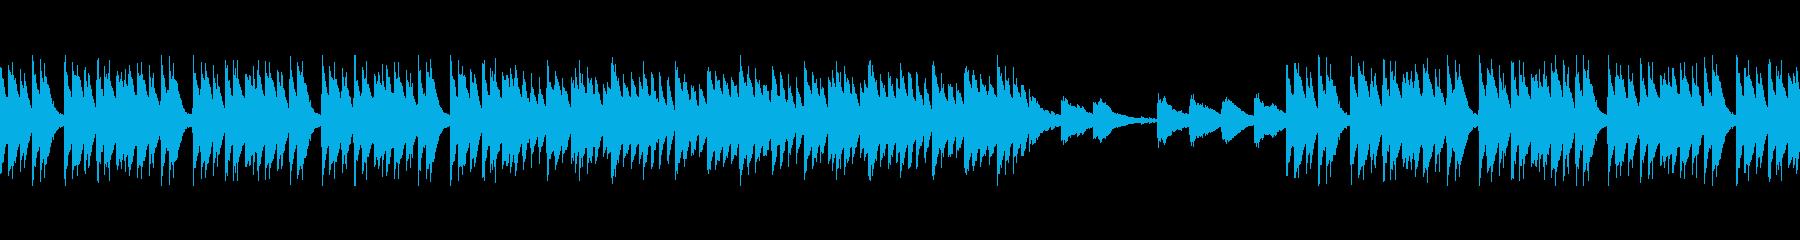 ループ・リズム抜 アングラなHIPHOPの再生済みの波形